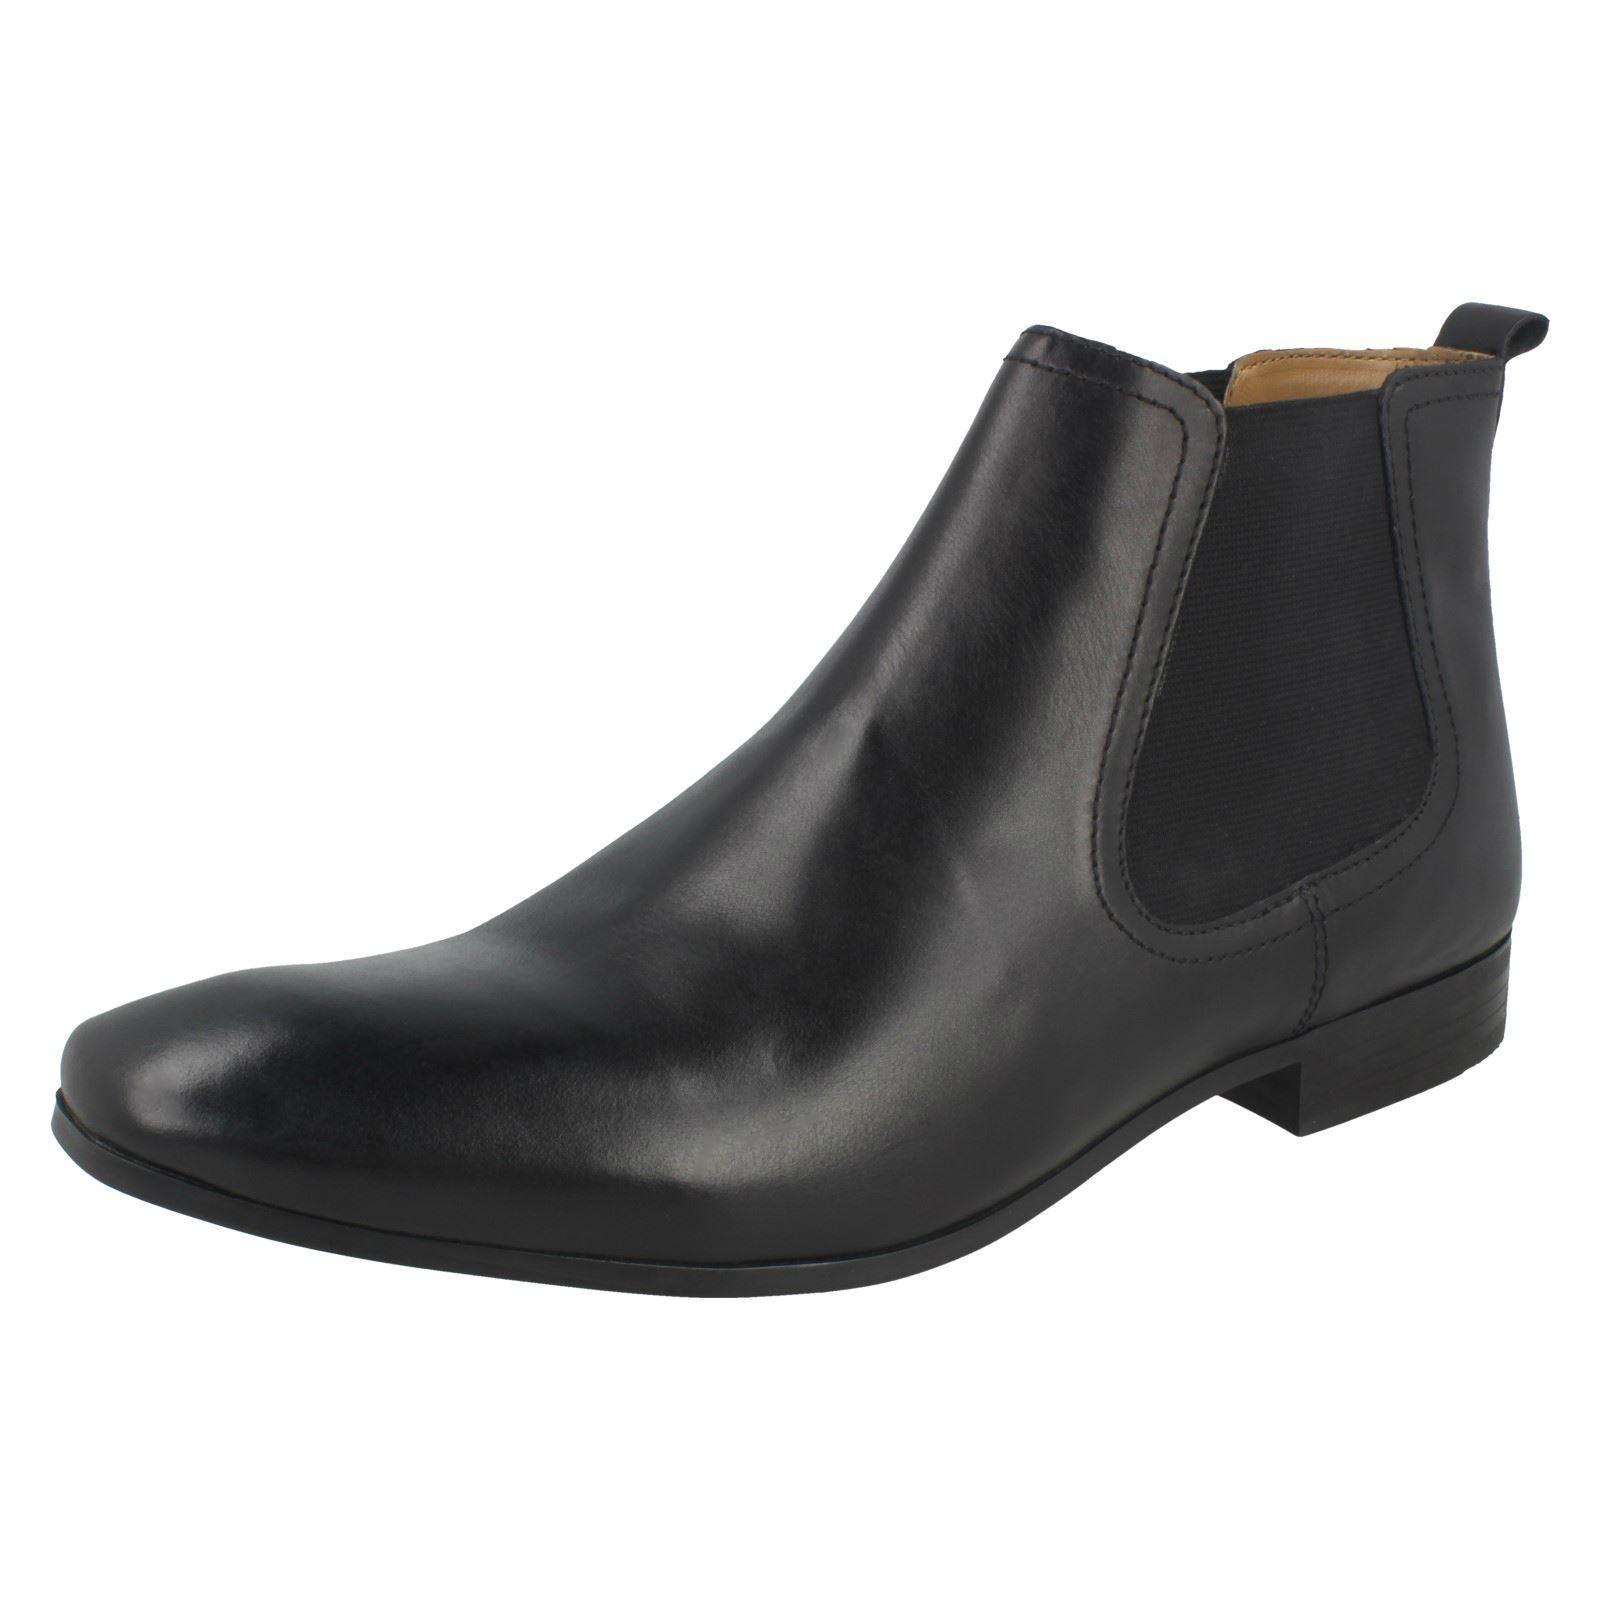 Zapatos casuales salvajes Base para hombre London Shuttle Negro Cuero ceroso Smart Chelsea Botas